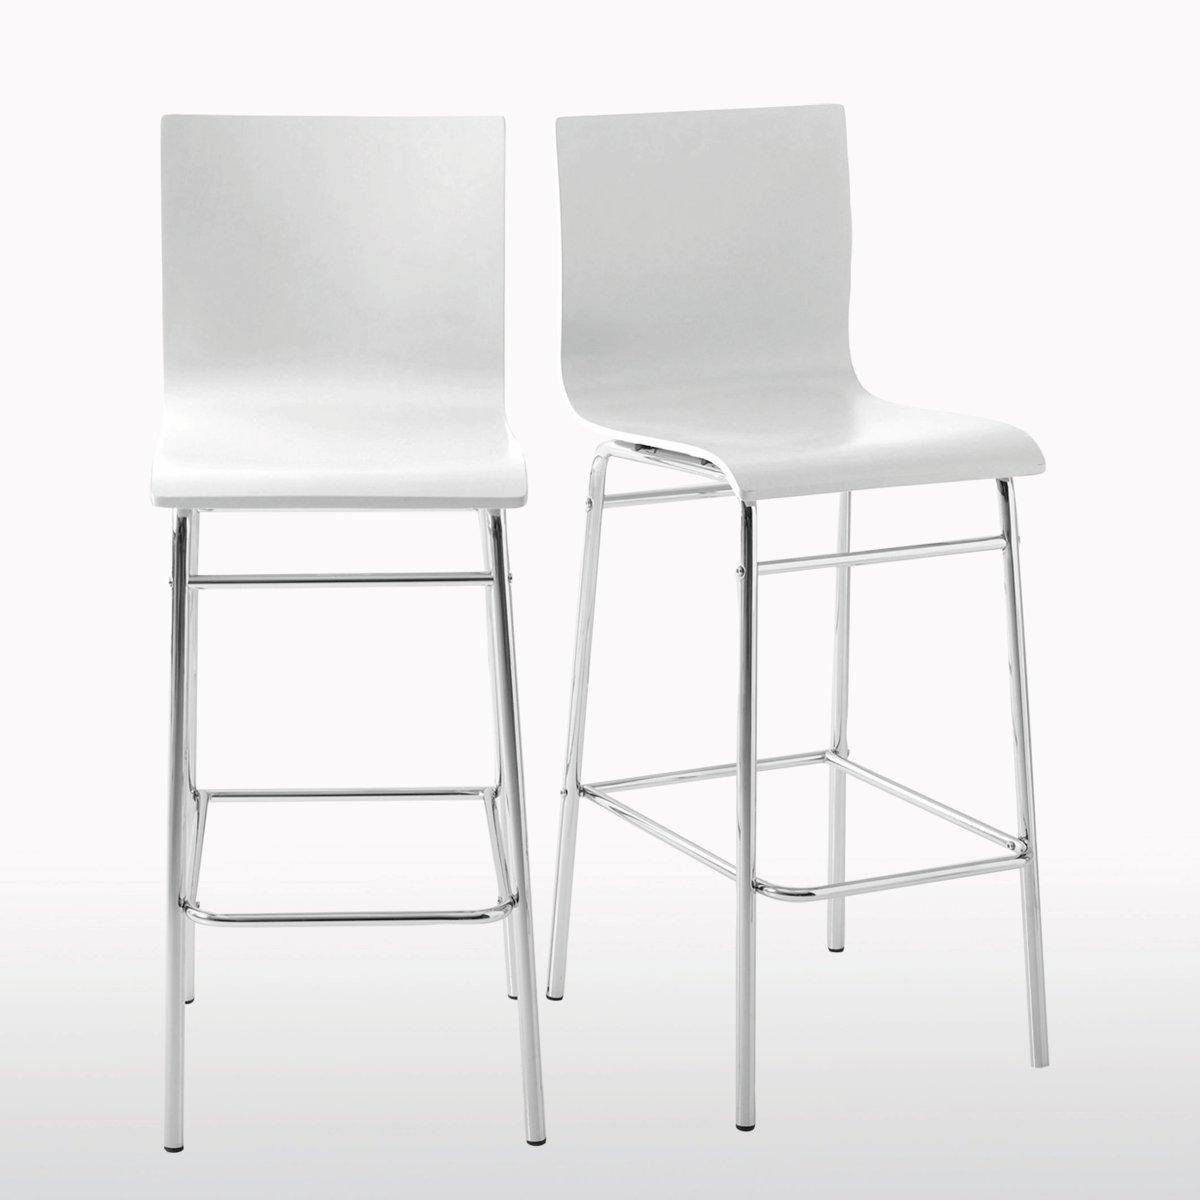 2 стула барных, JanikБарные стулья Janik на высоких ножках! 4 модных цвета, которые можно сочетать, для более яркого эффекта ! Характеристики стульев Janik :Спинка и сиденье из фанеры, ПУ-лакировка .Ножки из хромированной стальной трубки .Стулья продаются по 2 шт одного цвета .Барные стулья Janikпродаются готовыми к сборке Найдите высокий стол Janik, а также всю коллекцию Janik на нашем сайте ..       Размеры высоких стульев Janik :Общие : Ширина : 42 см.Высота : 110 см.Глубина : 50 см.Сиденье : Выс 75 см<br><br>Цвет: белый,желтый,серо-коричневый каштан